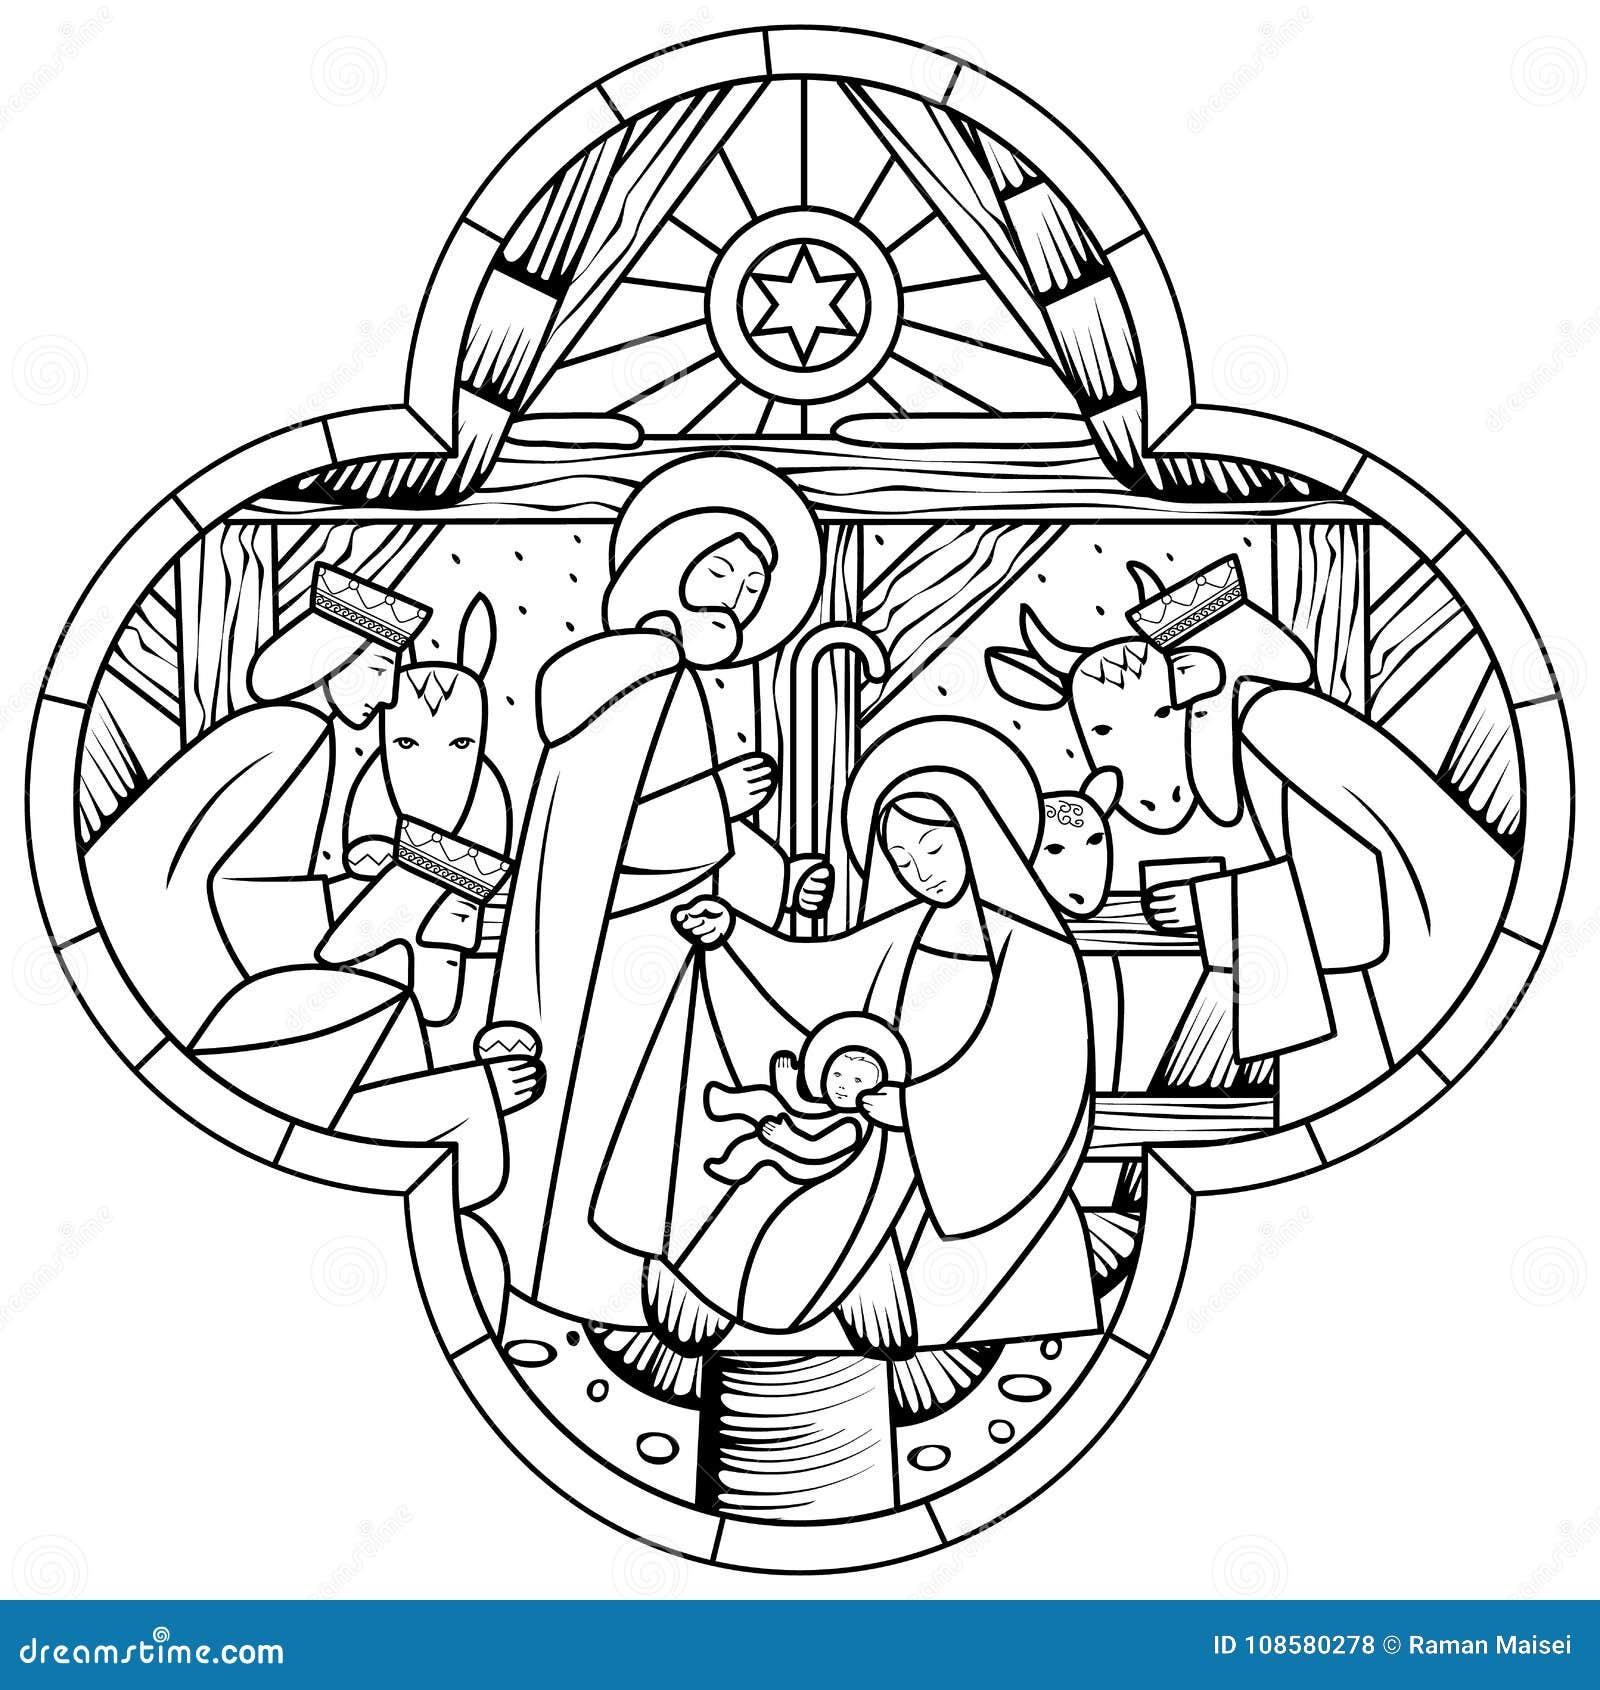 Dessin lin aire de naissance de sc ne de jesus christ dans la forme crois e illustration de - Naissance dessin ...